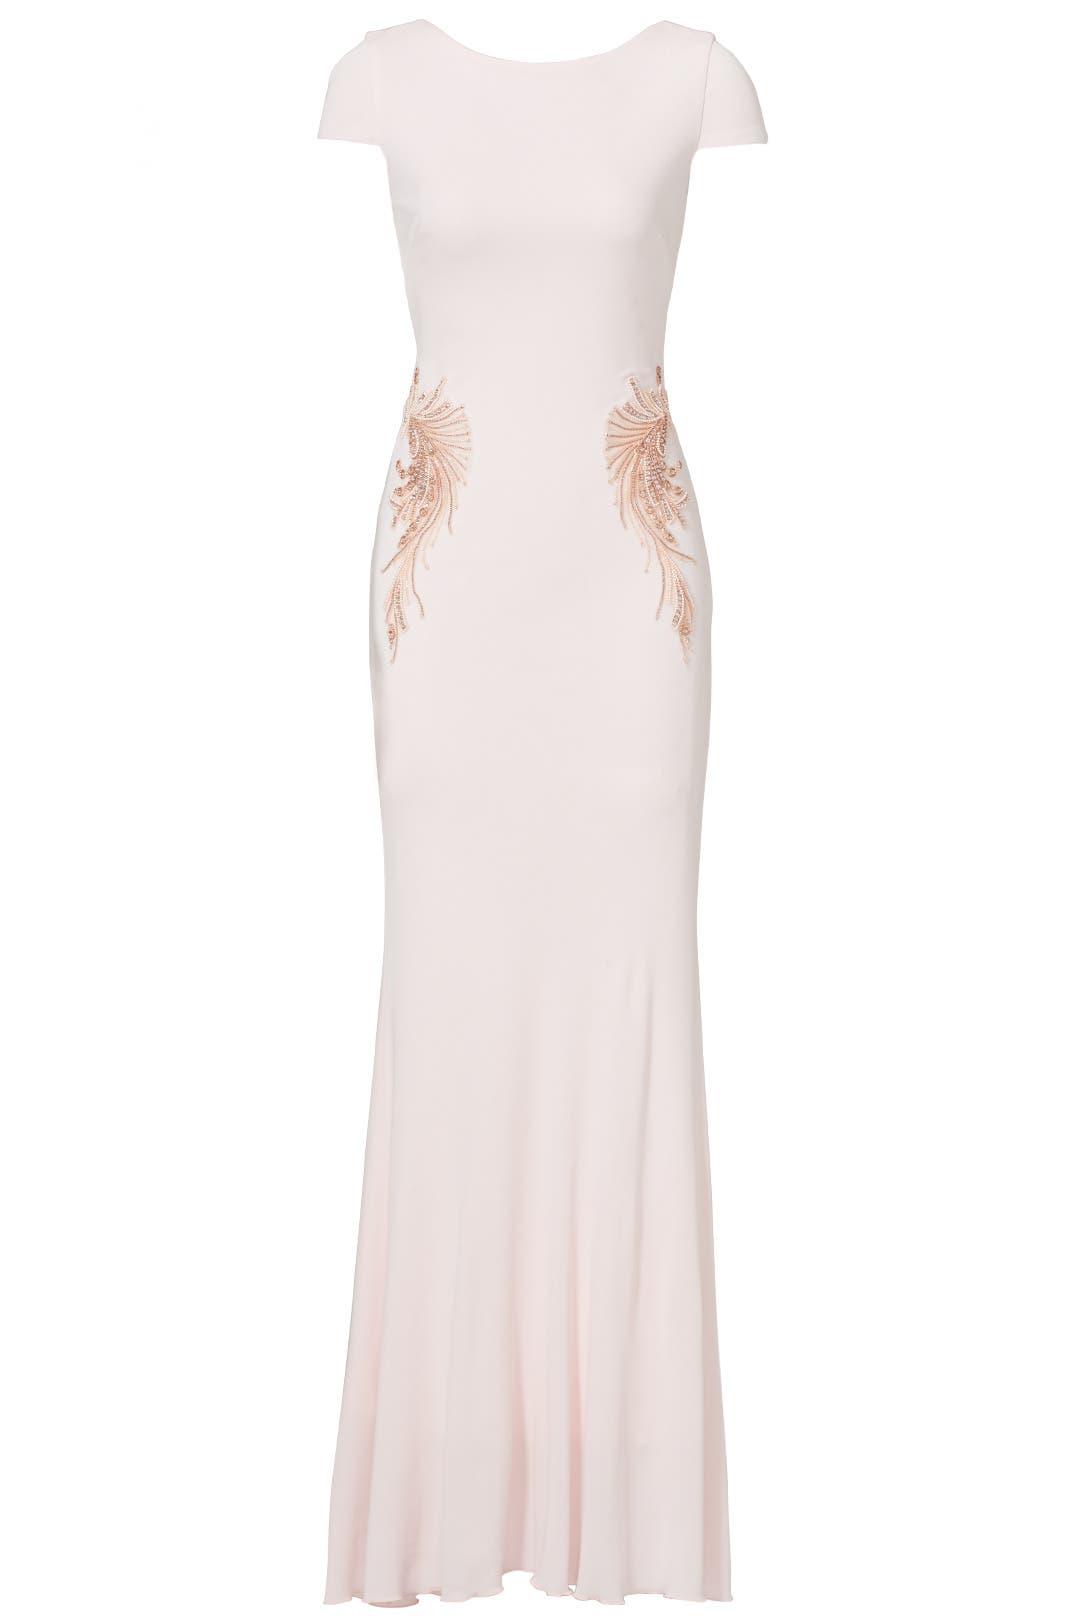 Blush Belle Gown by Badgley Mischka